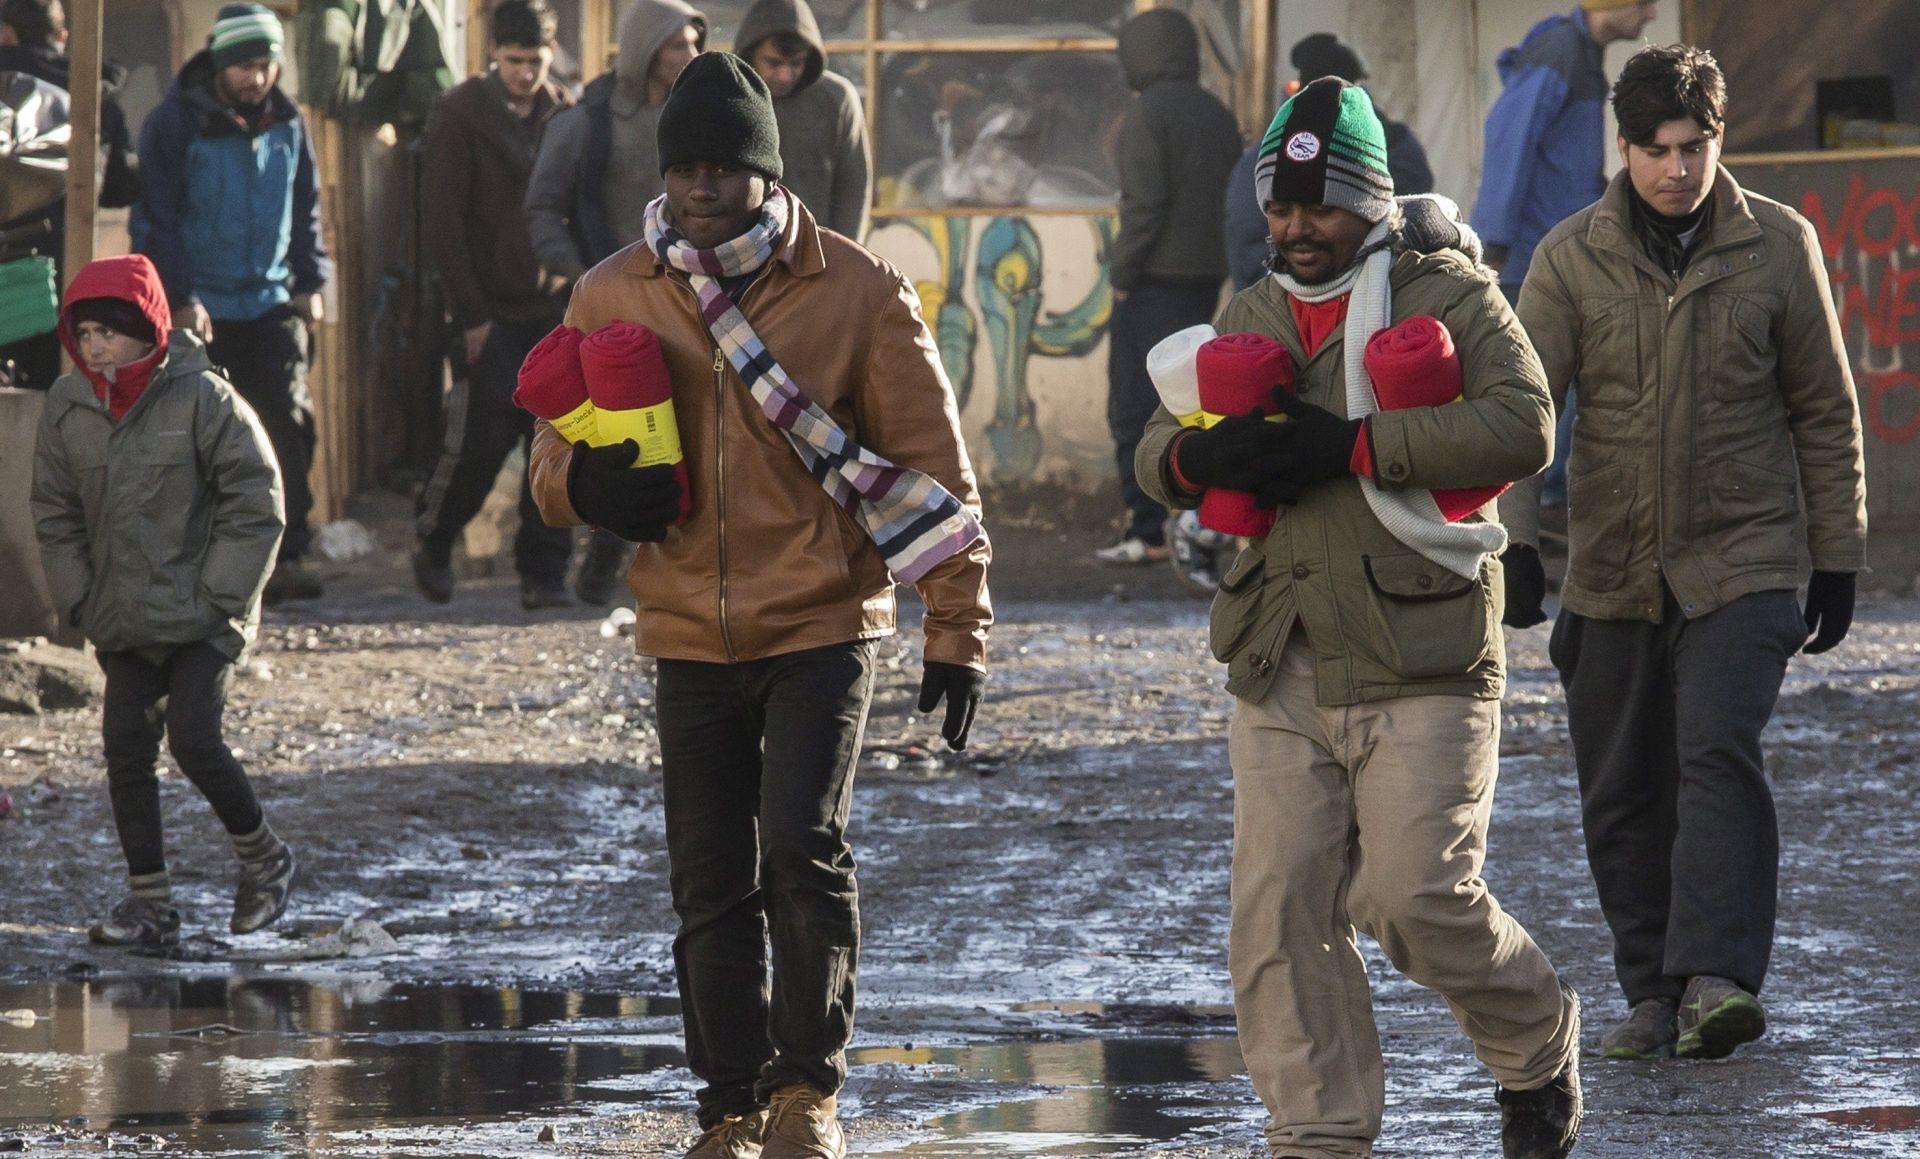 PRIJETNJA IZBACIVANJEM: Stotinama migranata naređeno da odu iz kampa u Calaisu